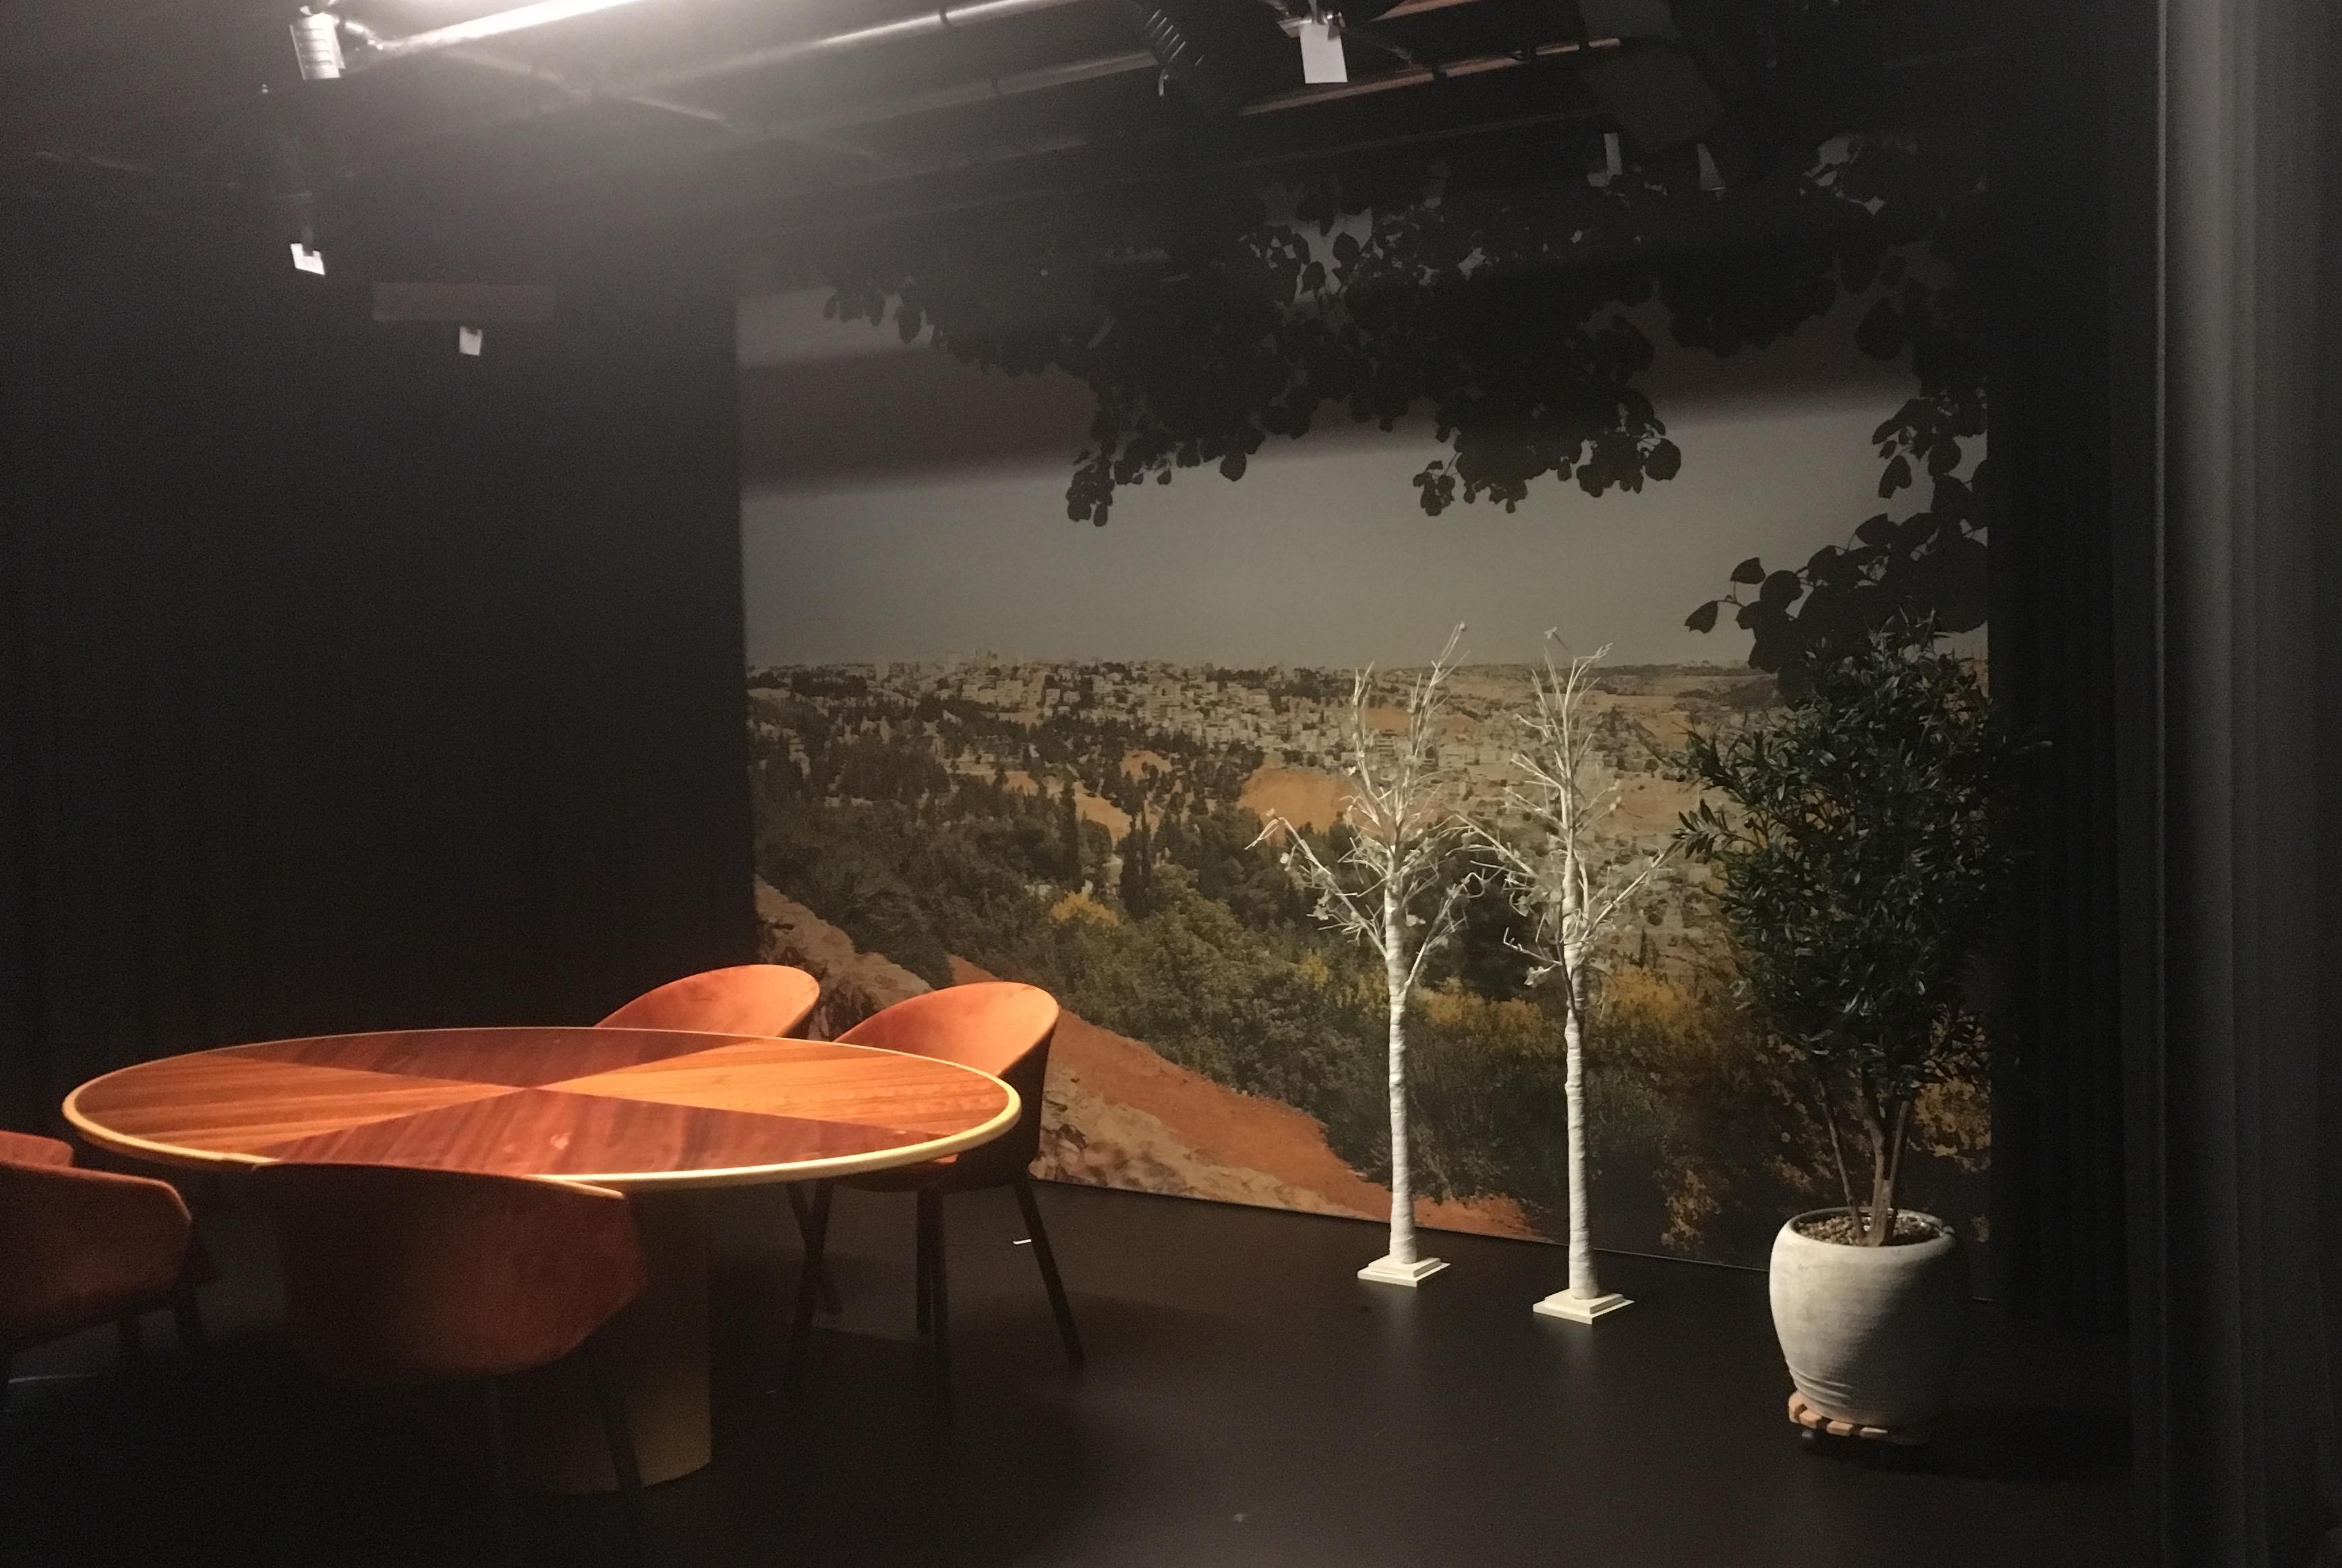 FilmMakers beschikt over drie video-studio's in de regio Amersfoort.